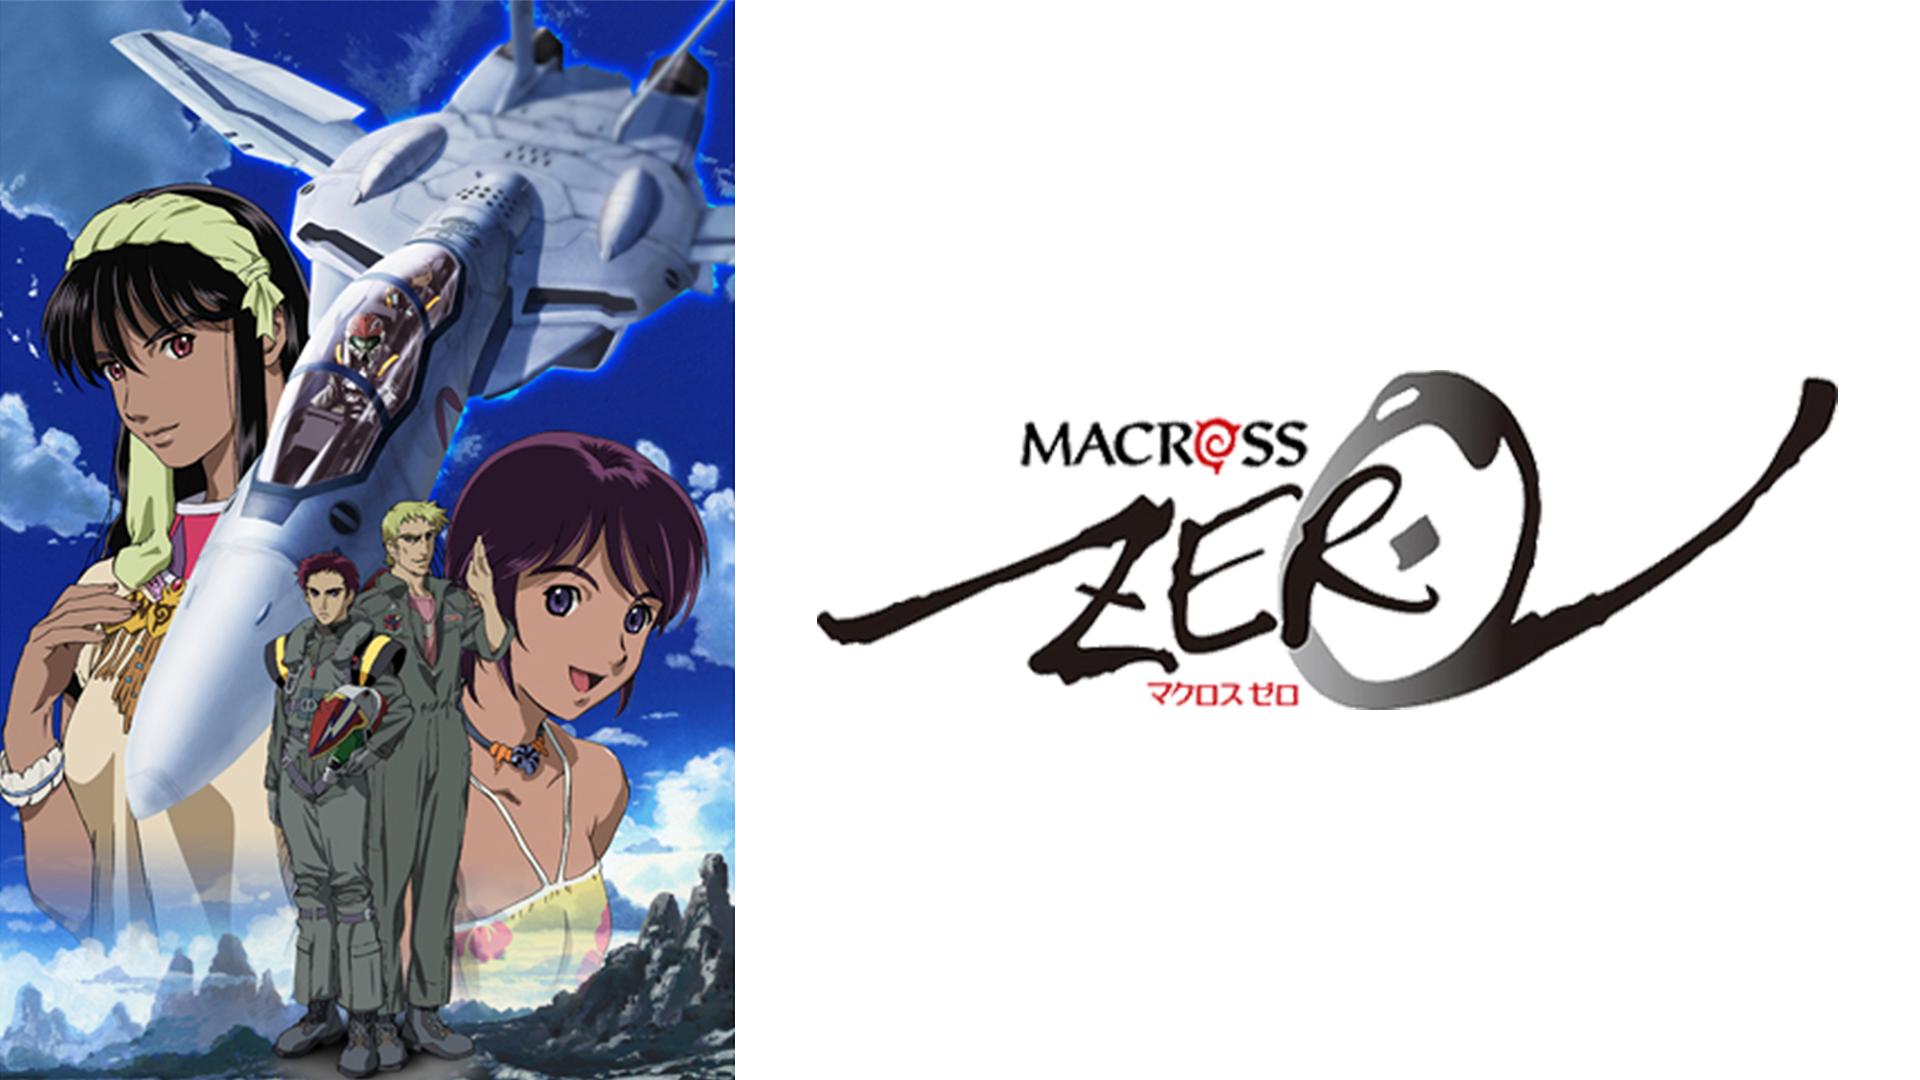 マクロス ゼロの動画 - マクロスFB7 オレノウタヲキケ!